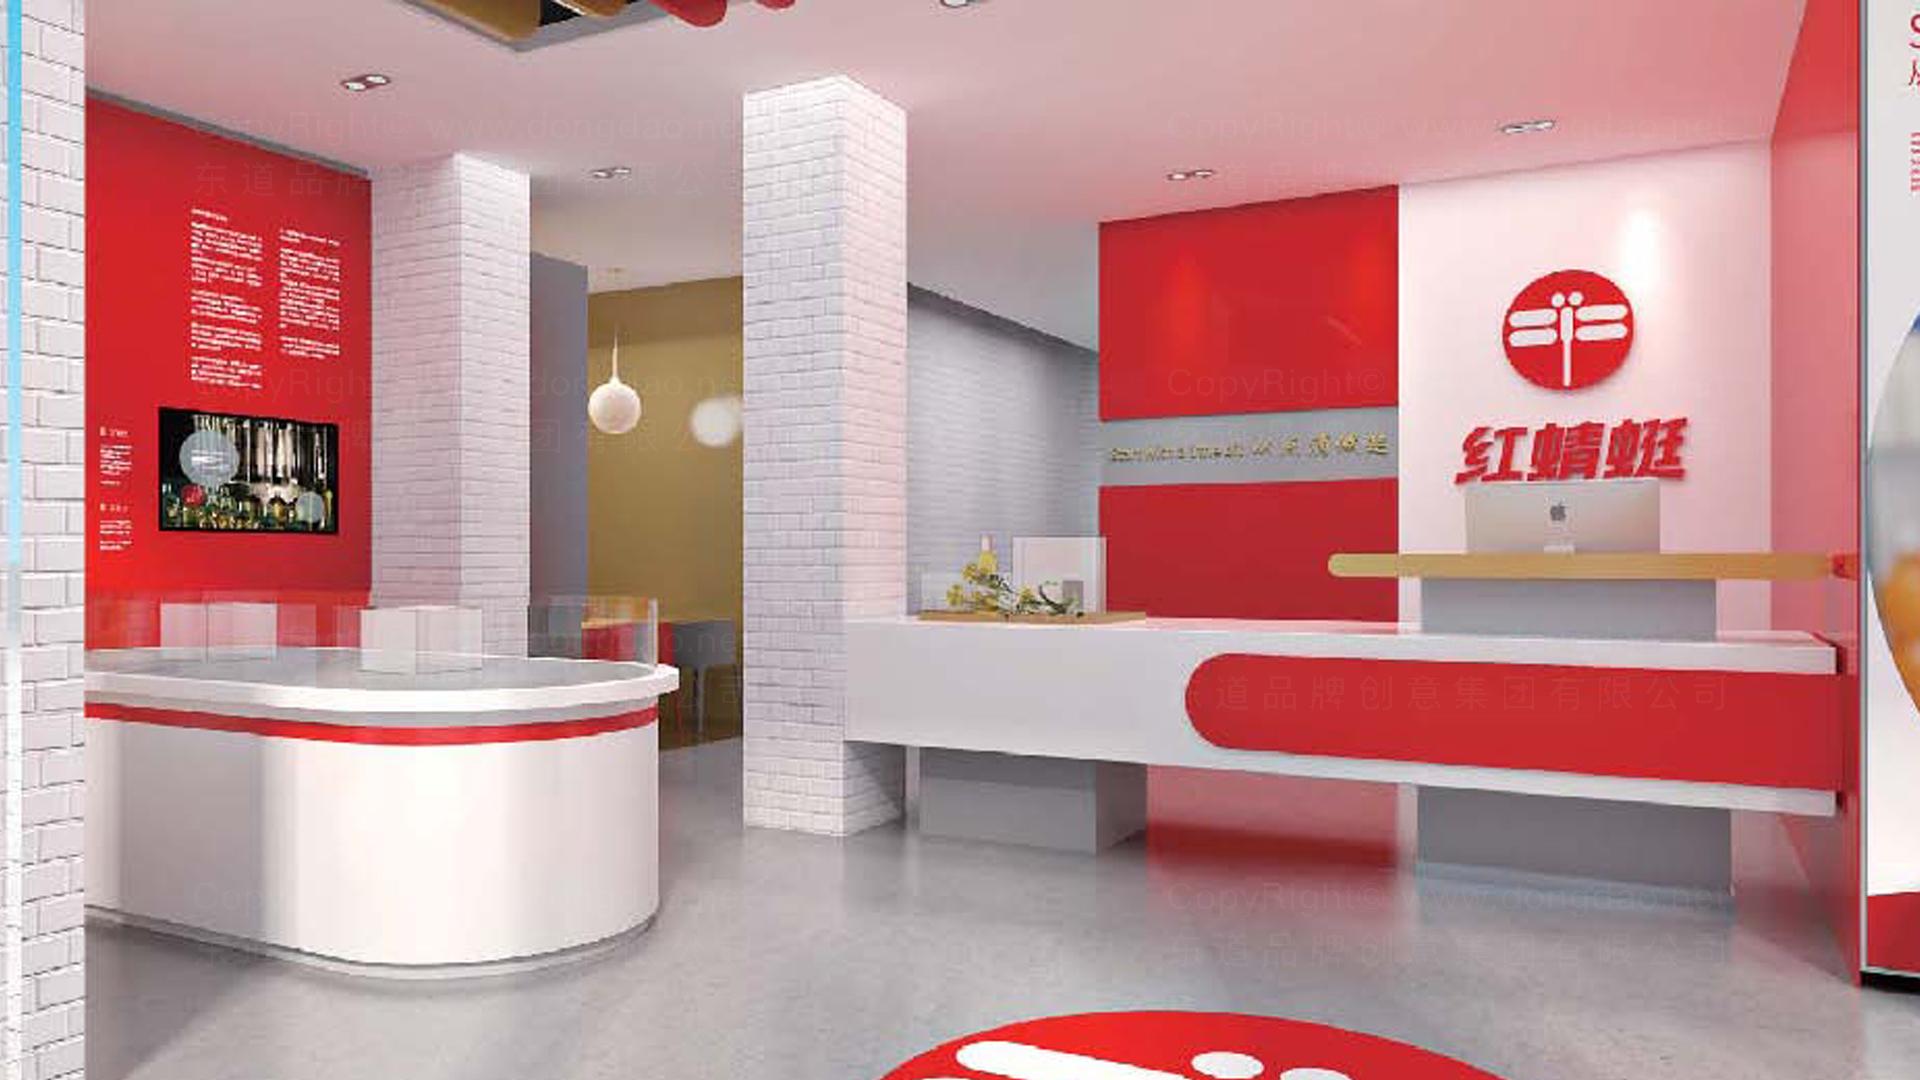 商业空间&导示红蜻蜓SI环境概念设计应用场景